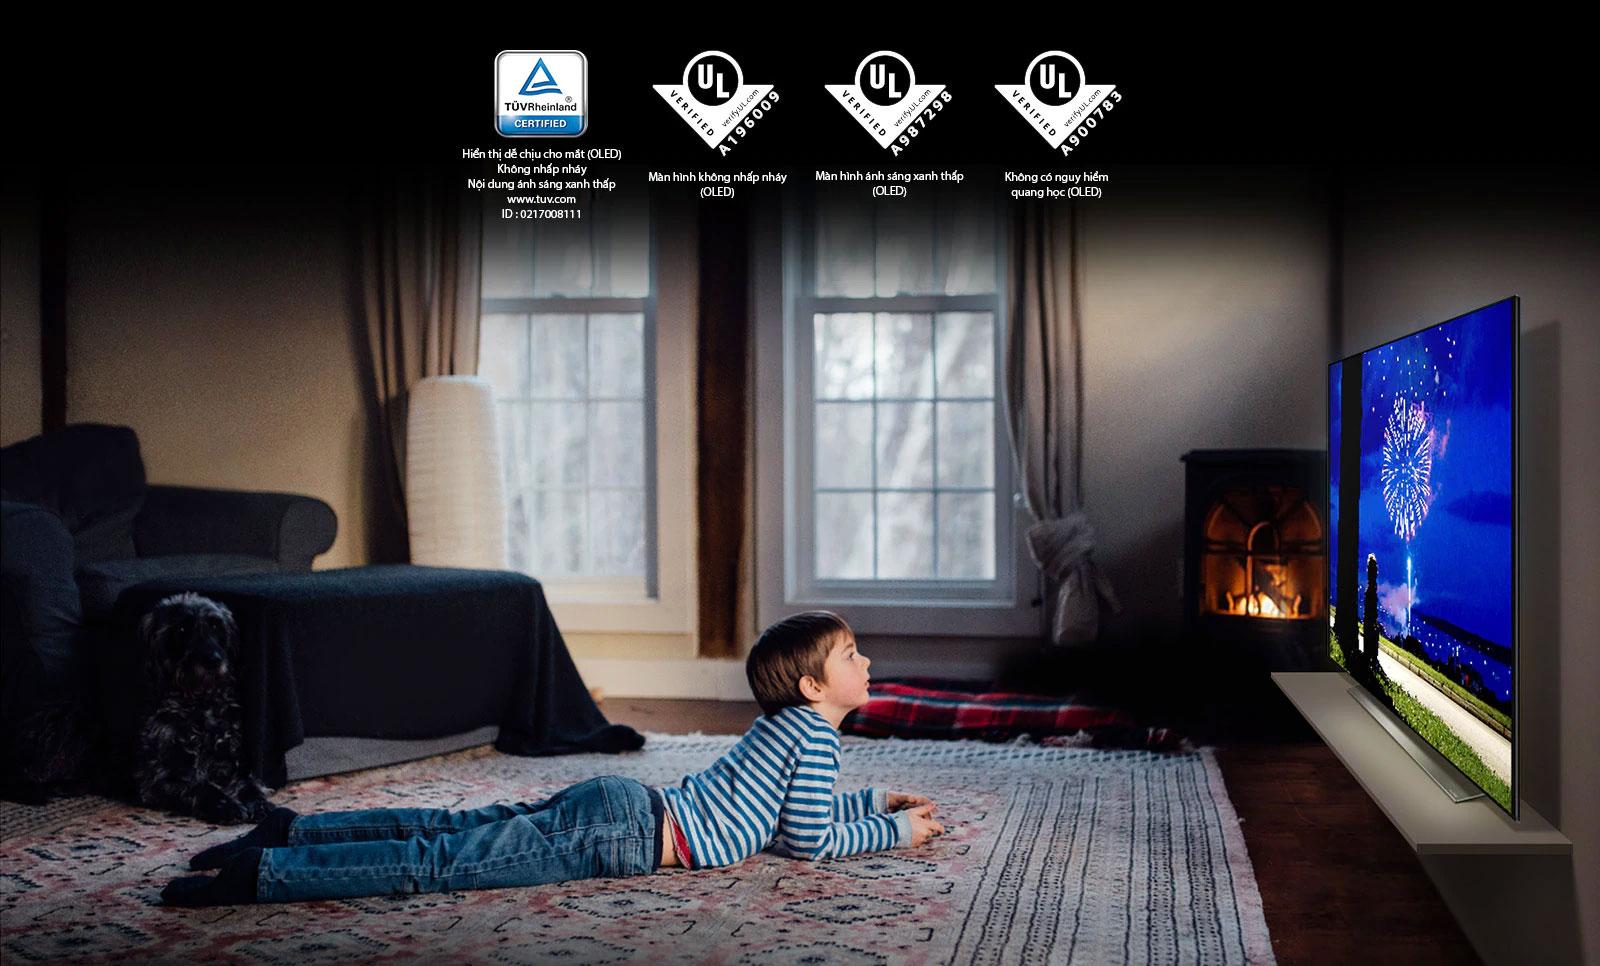 """Đây là thẻ mô tả """"Hiển thị dễ chịu cho mắt"""". Đây là cảnh một cậu bé xem TV ở tư thế nằm sấp. Bốn logo được hiển thị để chứng nhận """"Hiển thị dễ chịu cho mắt""""."""